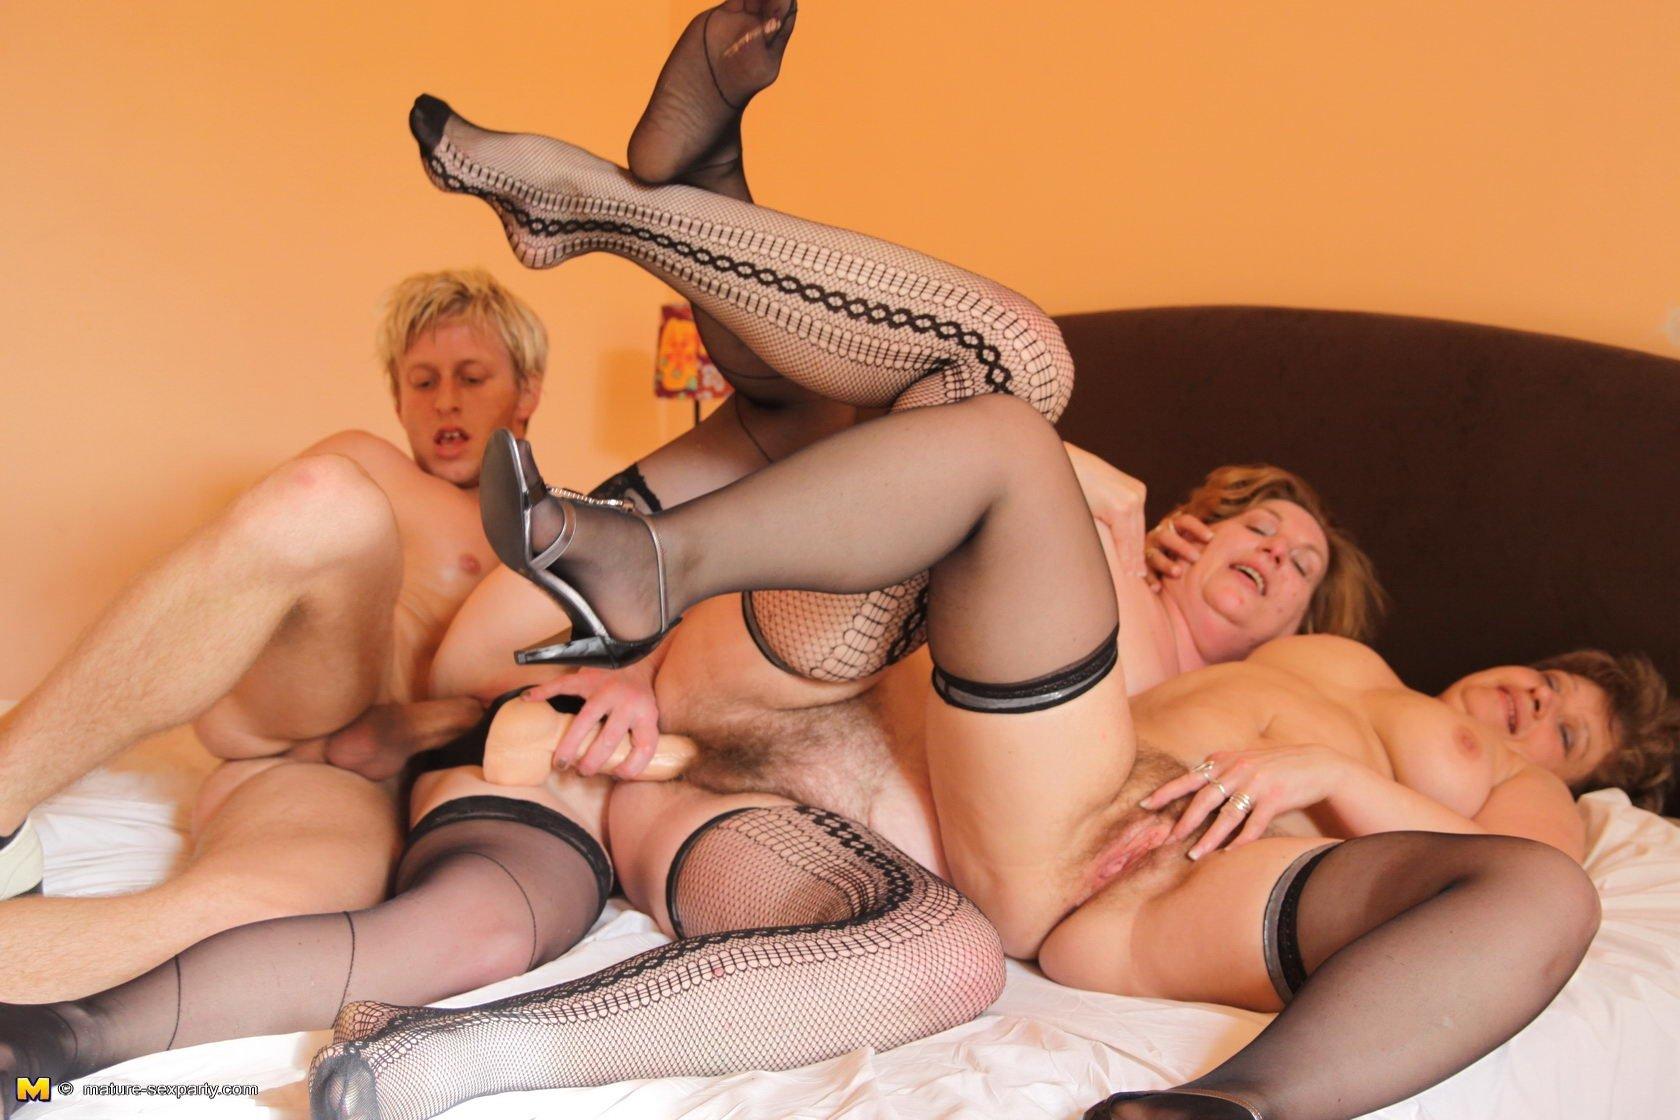 Со зрелыми русскими женщинами порно, Русские зрелые женщины - смотреть порно видео 13 фотография